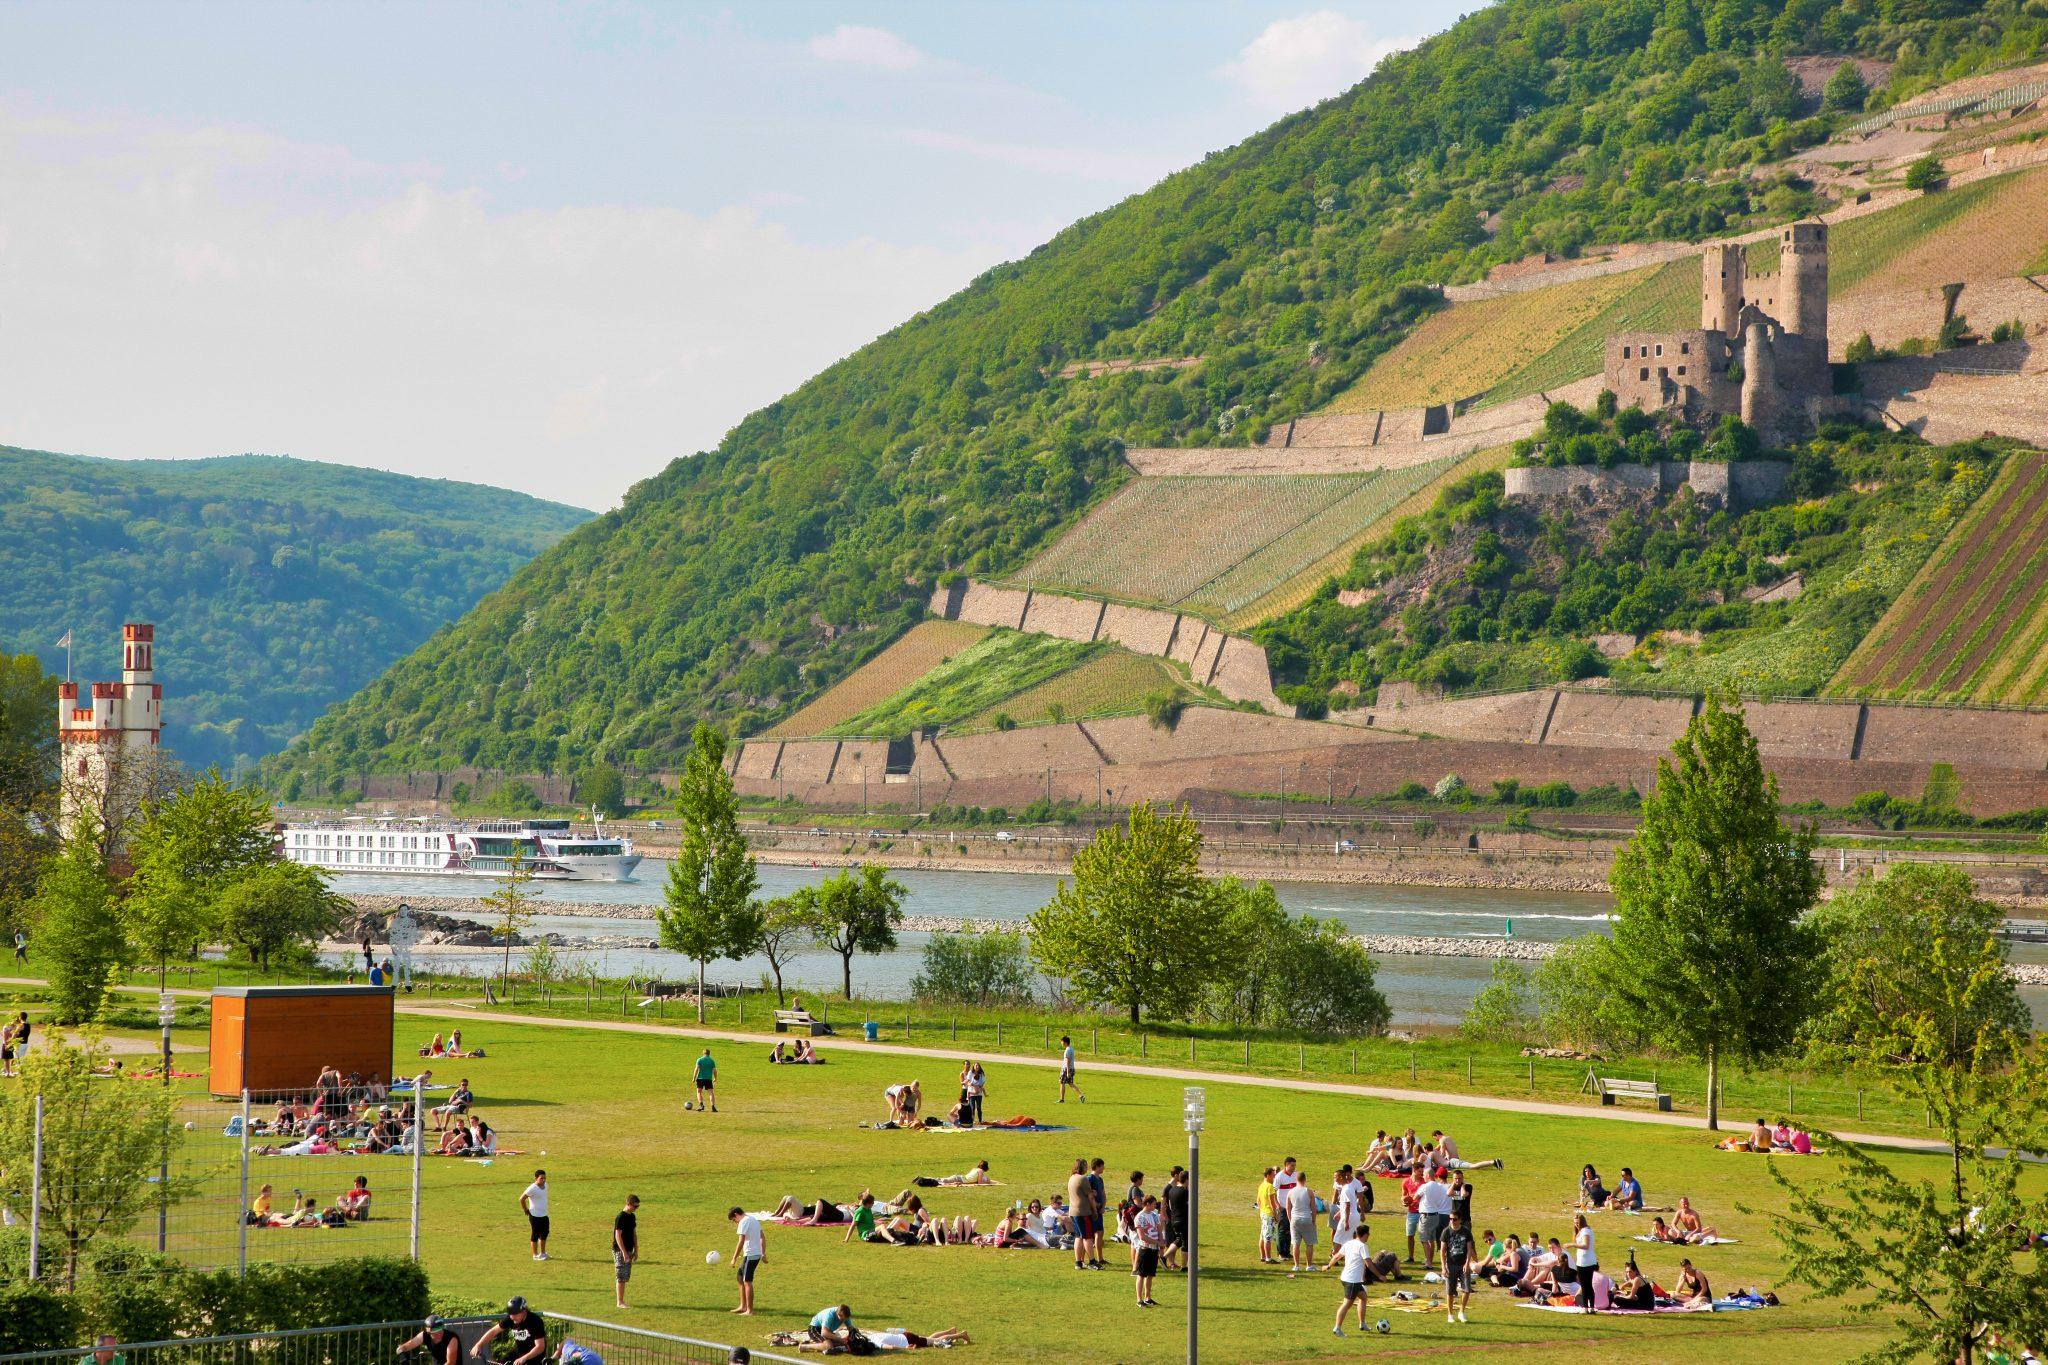 Kulturuferfest Bingen. (Foto: Piel media)